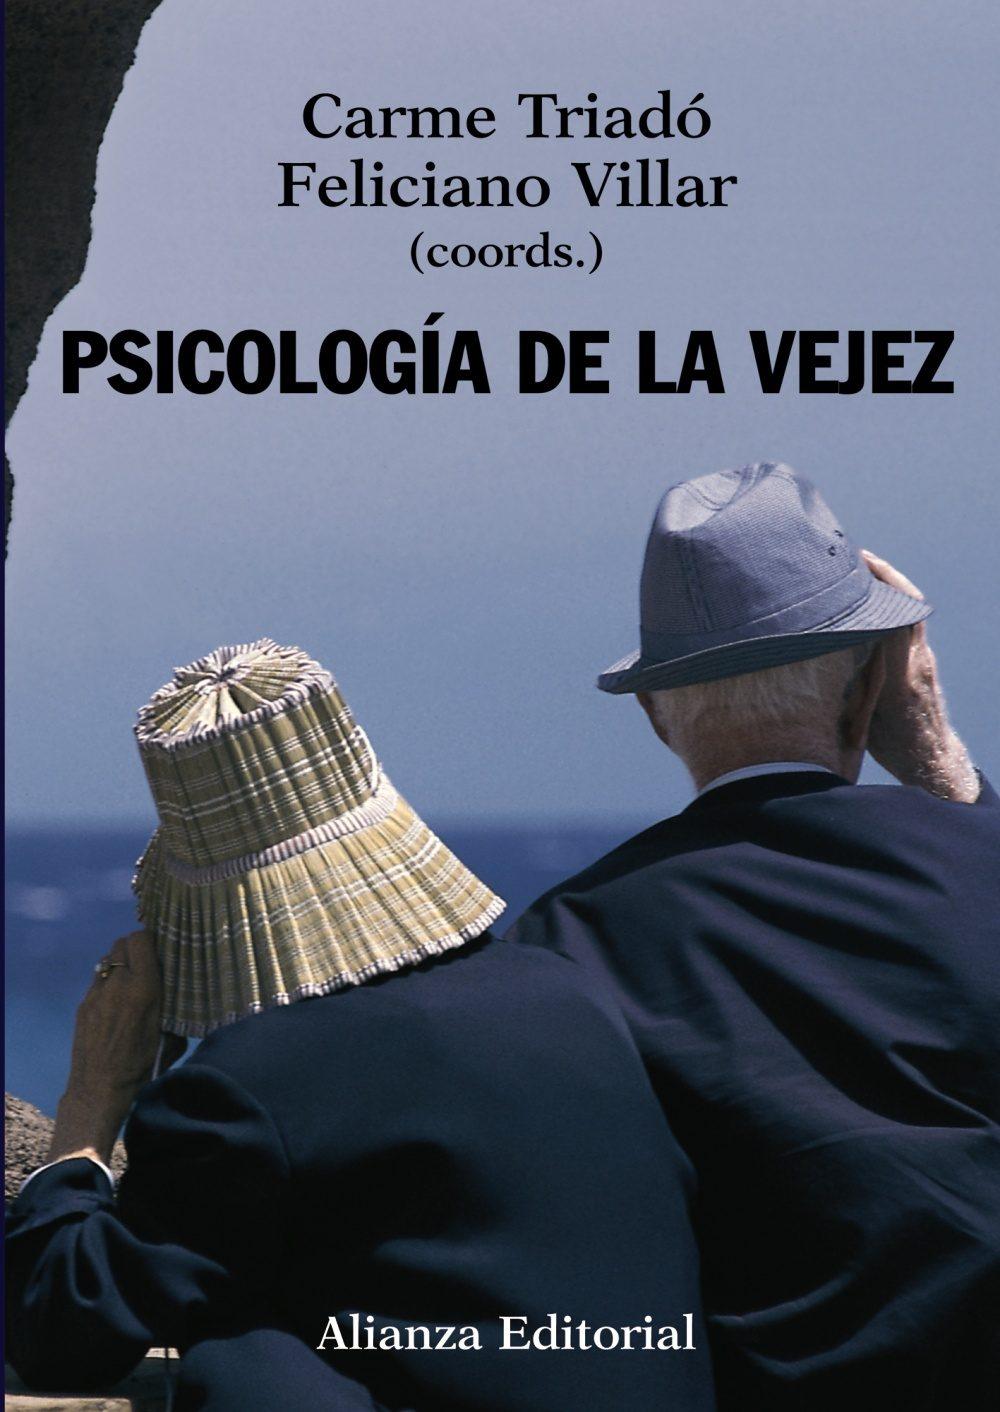 Psicologia De La Vejez por Carmen Triado Tur;                                                                                    Feliciano Villar Posada epub